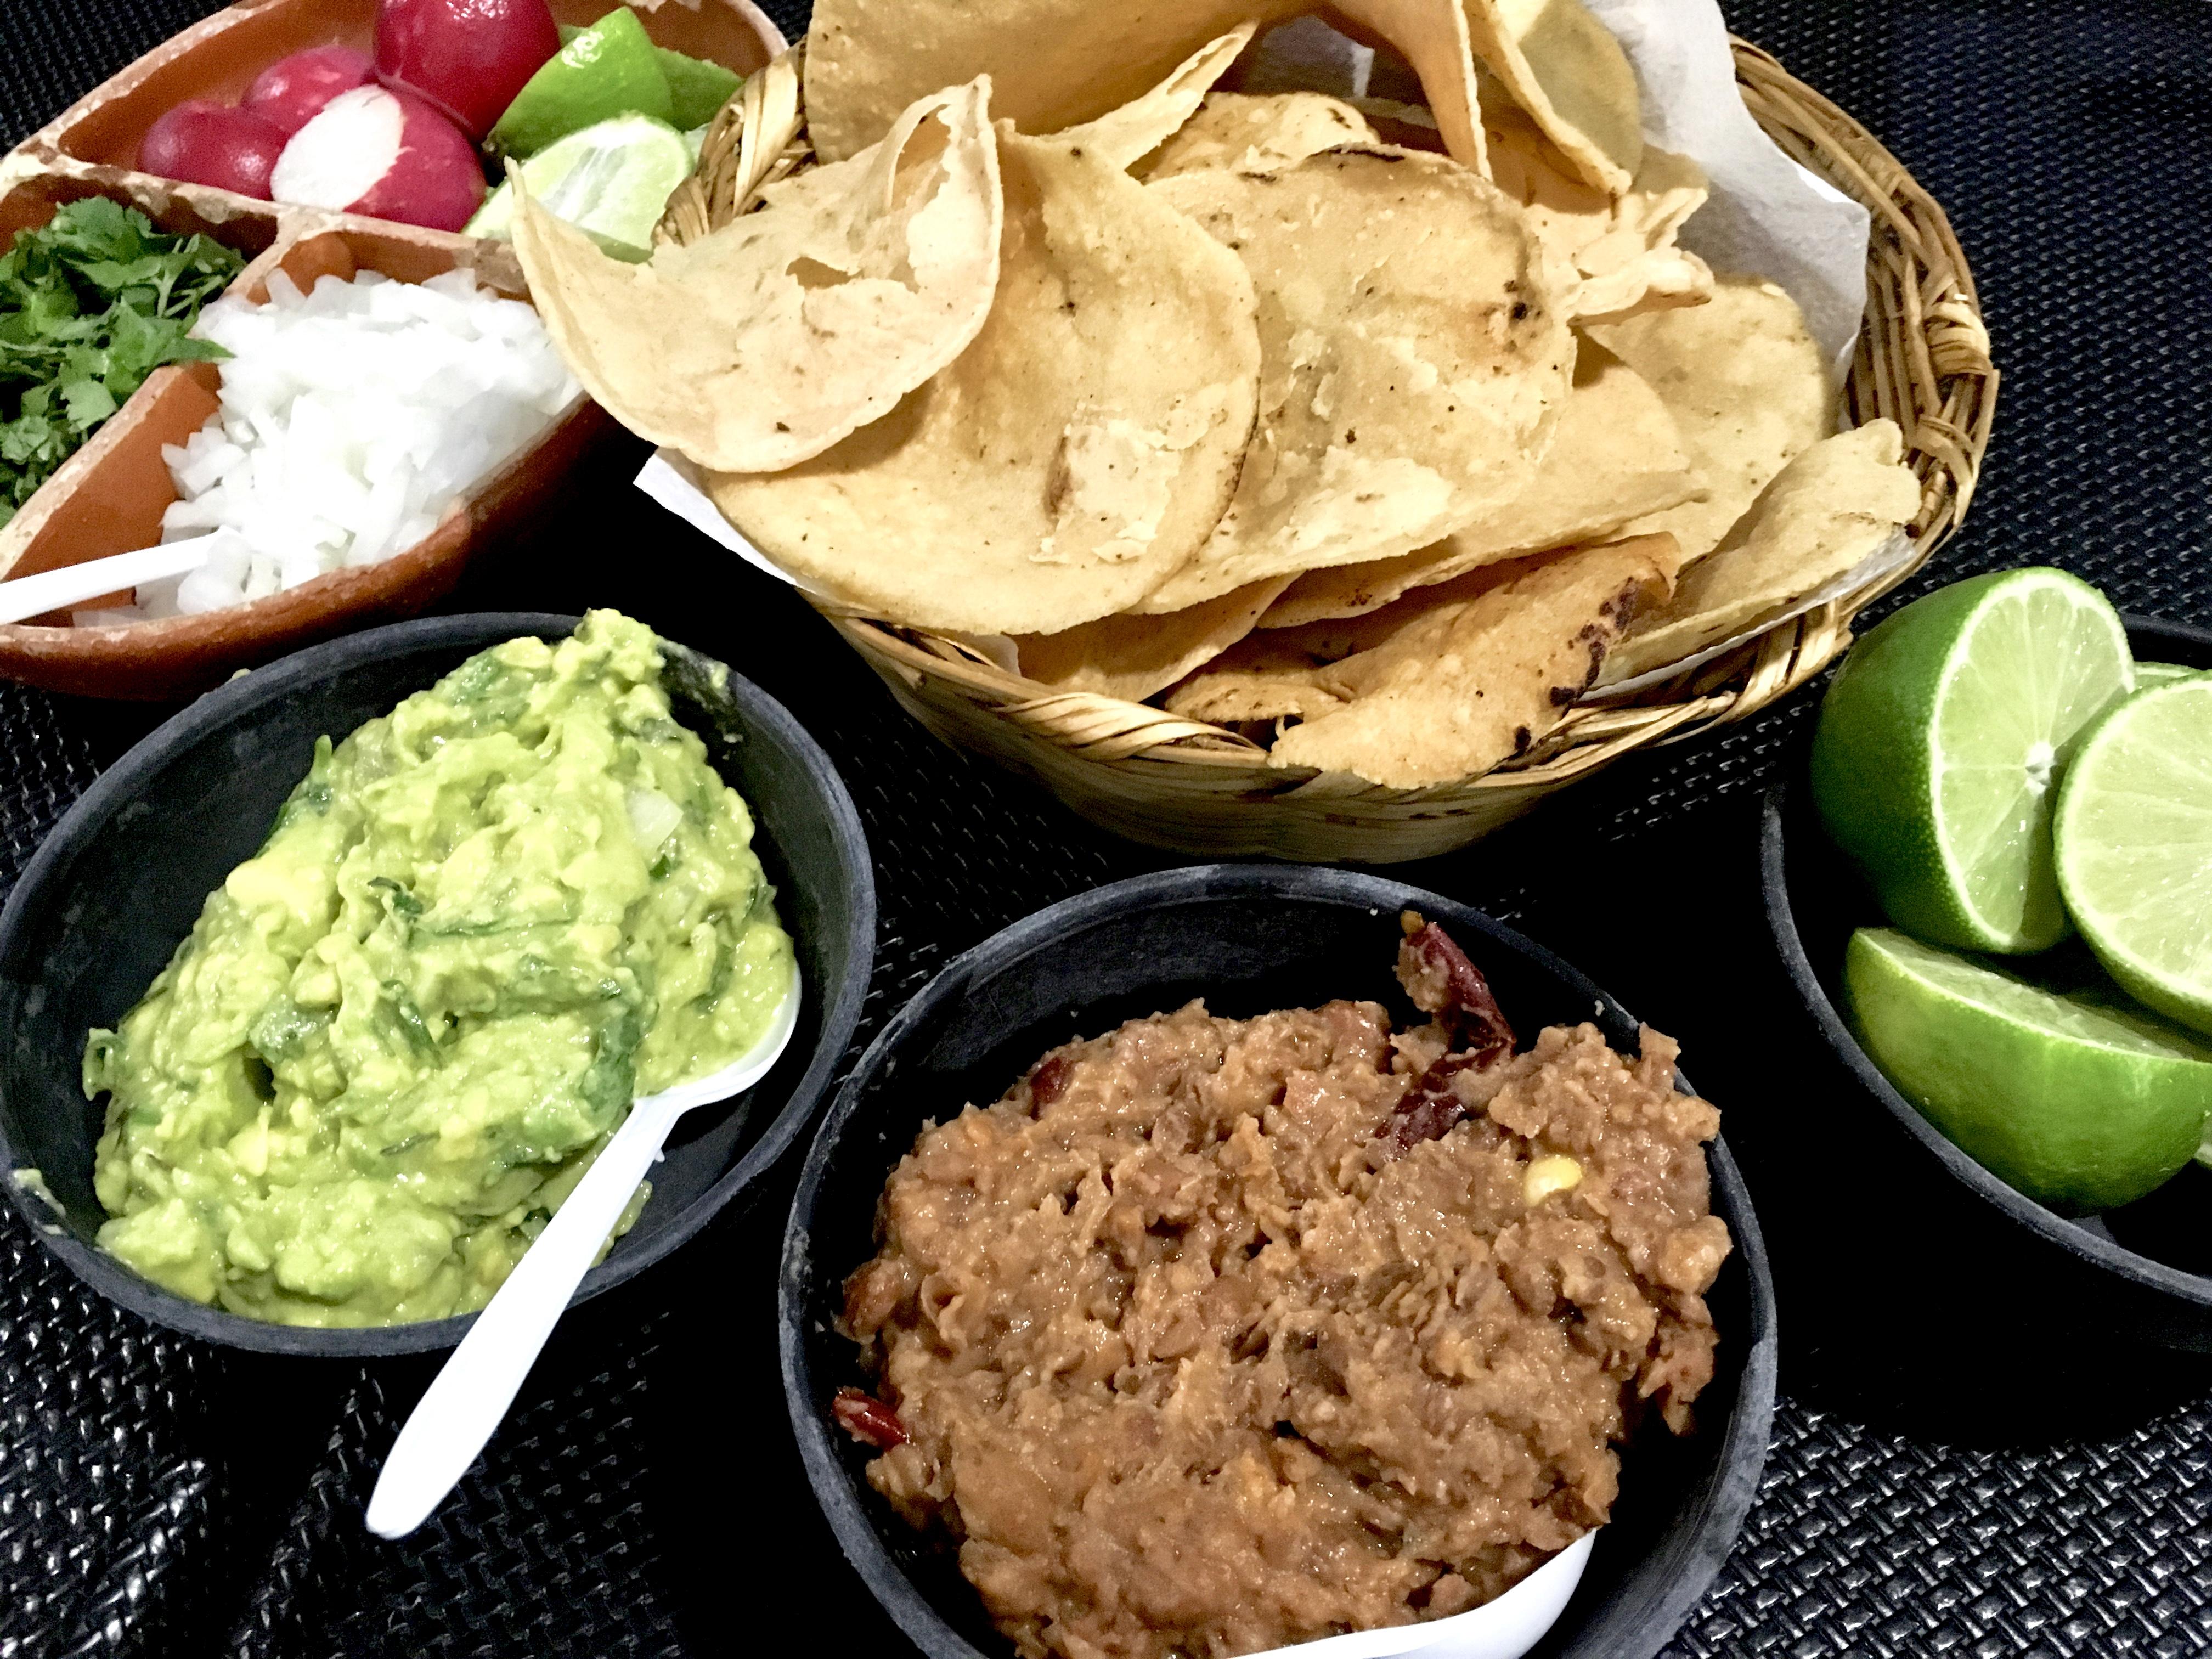 Typische mexikanische Vorspeise: Maisnachos mit Guacamole und